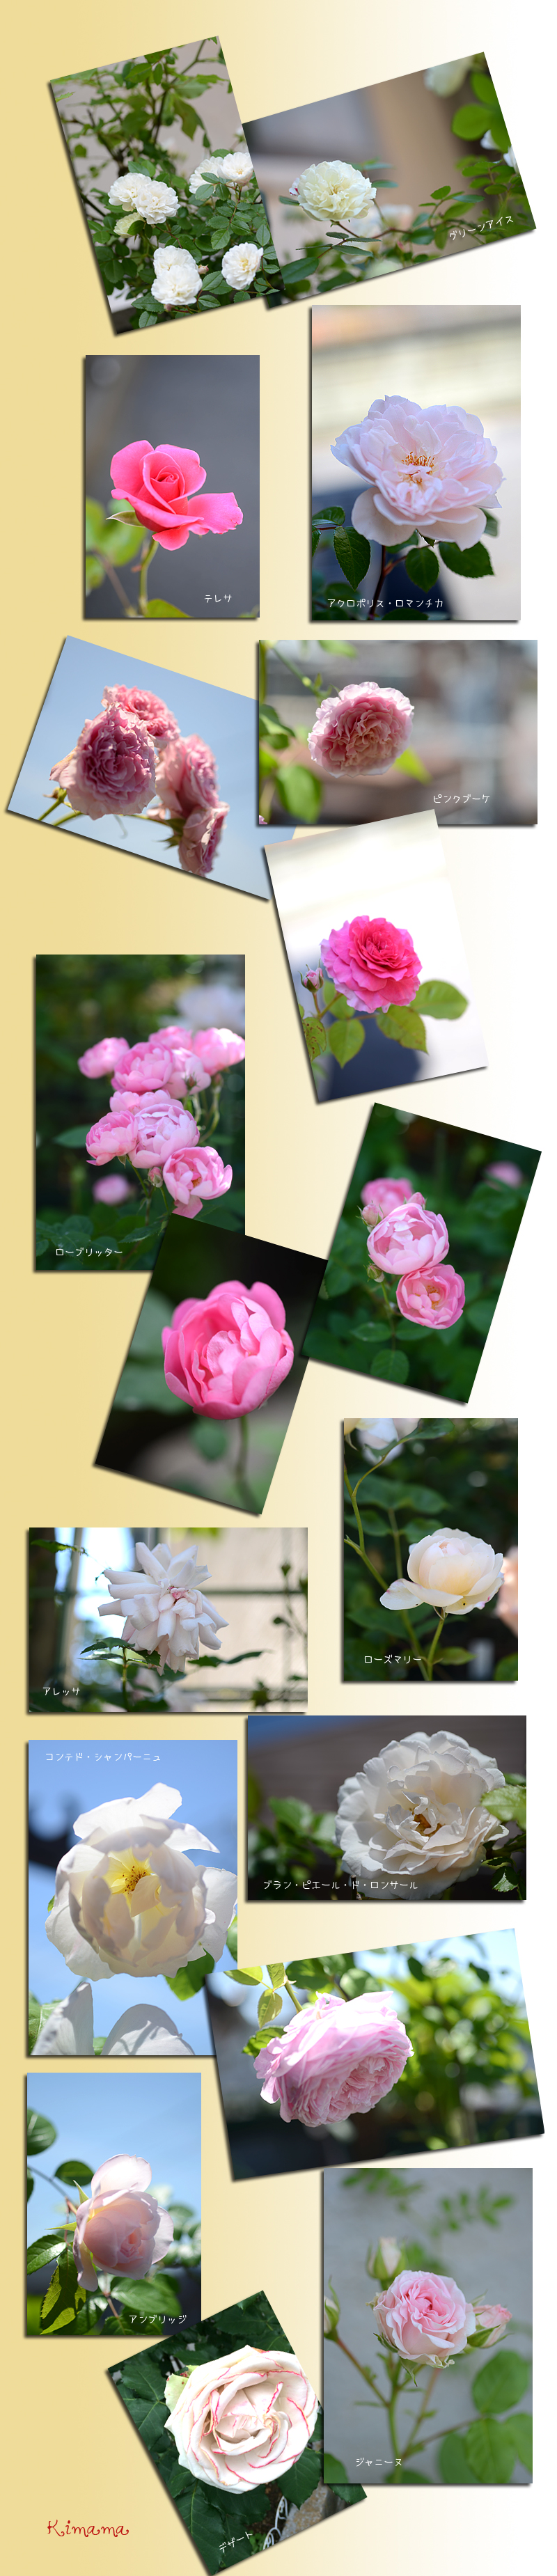 5月22日庭の薔薇2